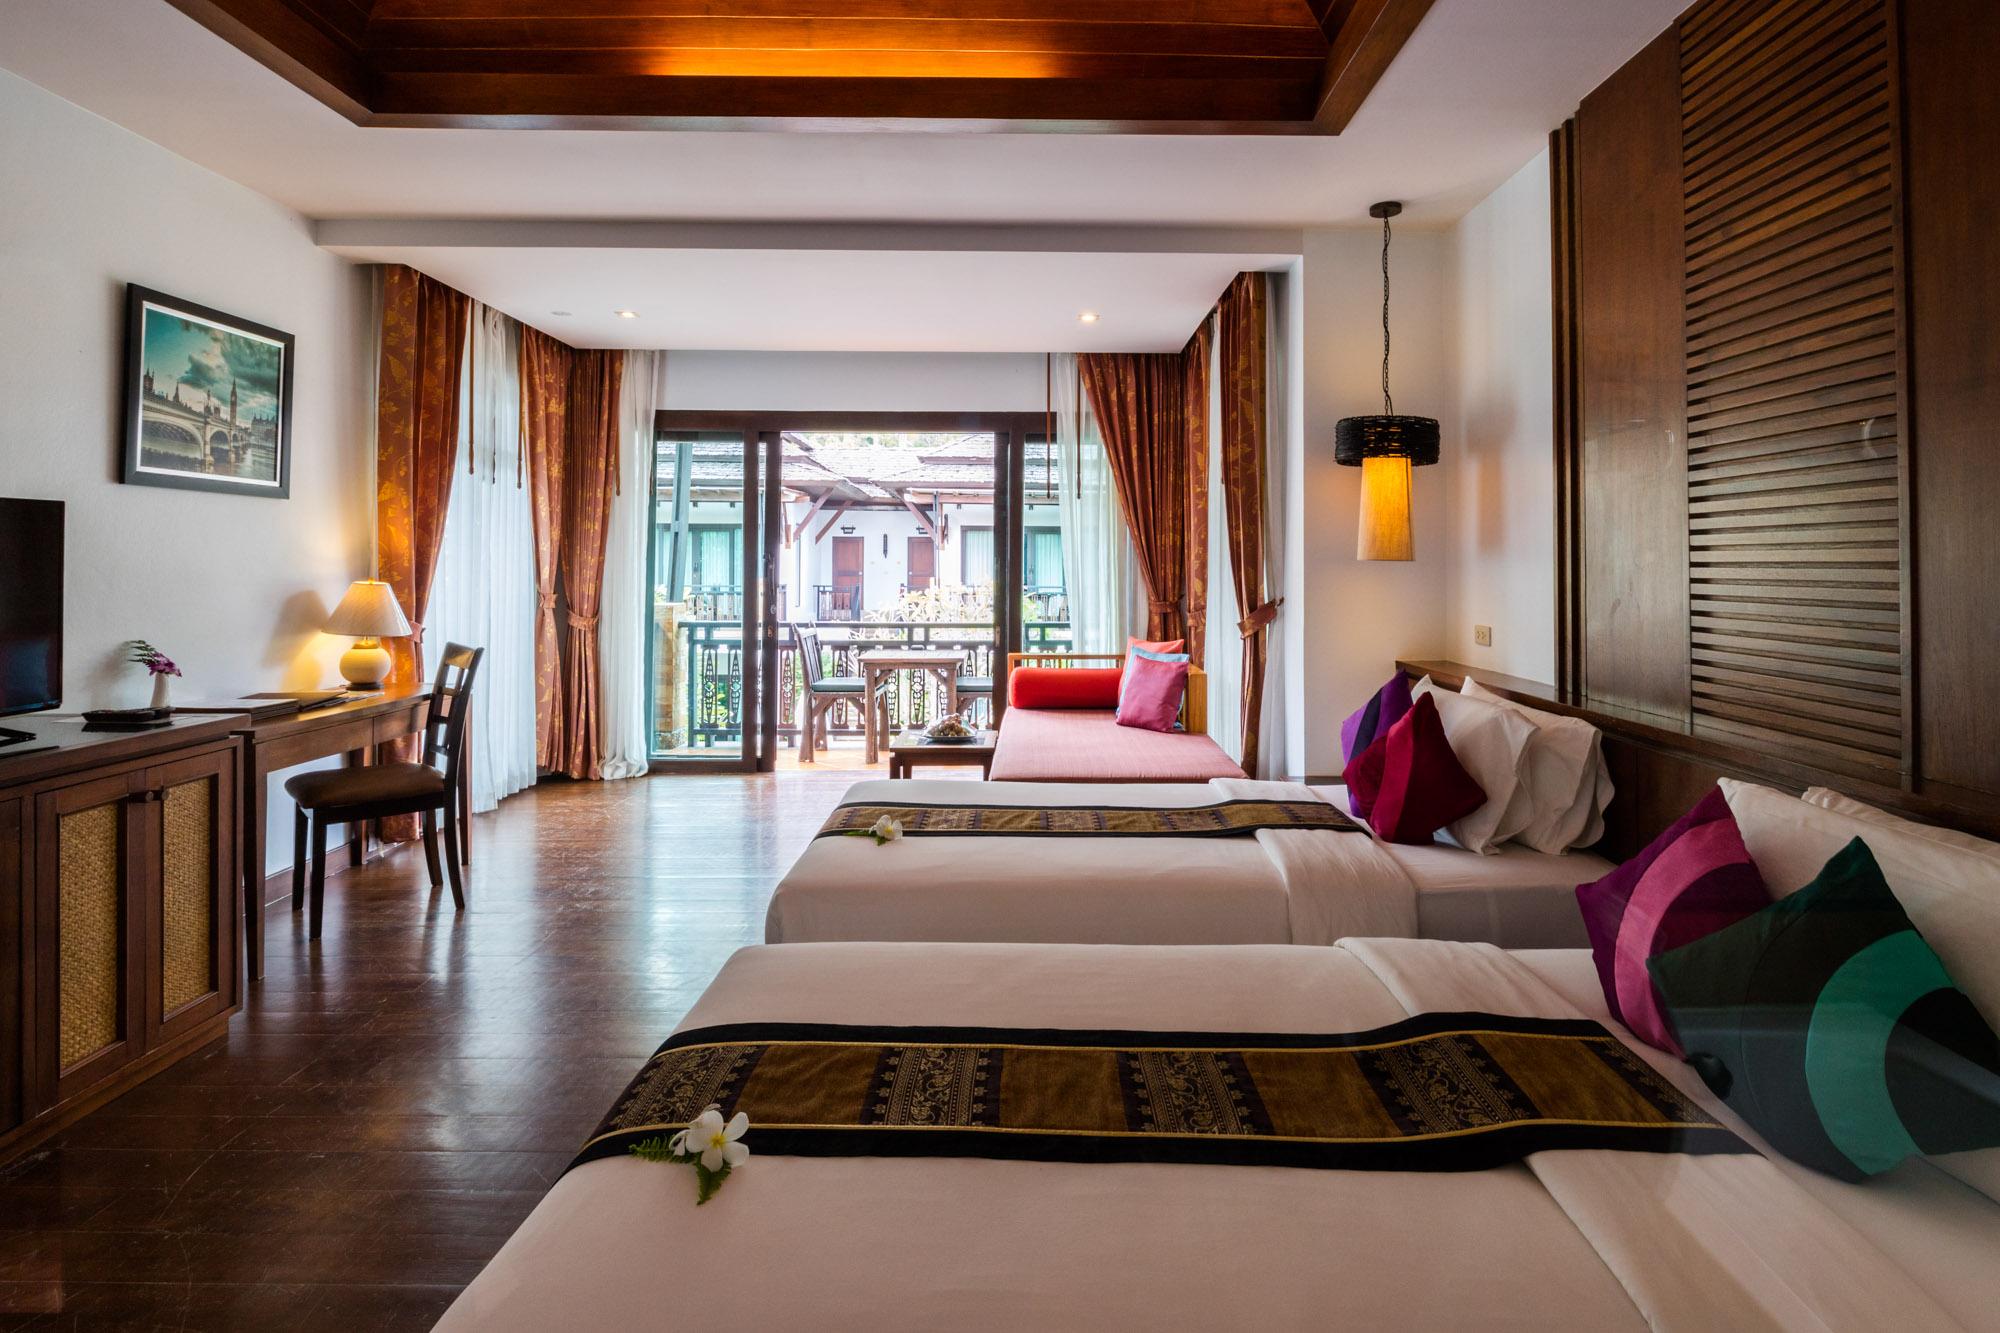 ไร่เลย์ วิลเลจ รีสอร์ท(Railay Village Resort)  ไร่เลย์ วิลเลจ รีสอร์ท แอนด์ สปา Railay Village Resort กระบี่ IMG 8950